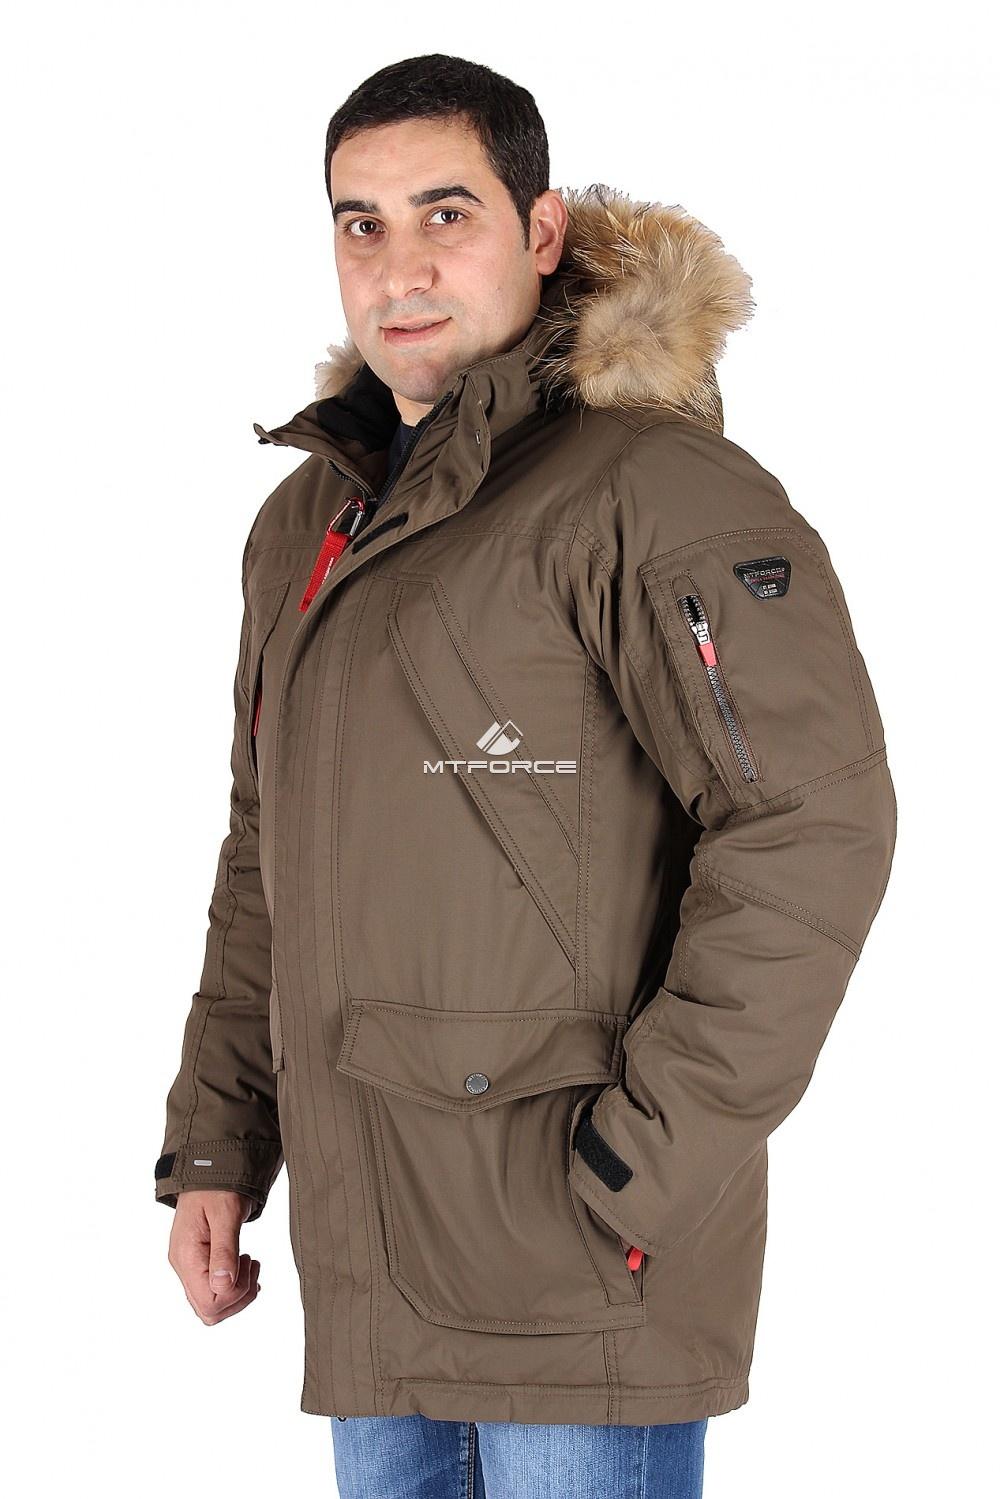 Купить оптом Куртка классическая зимняя мужская  цвета хаки 15040Kh